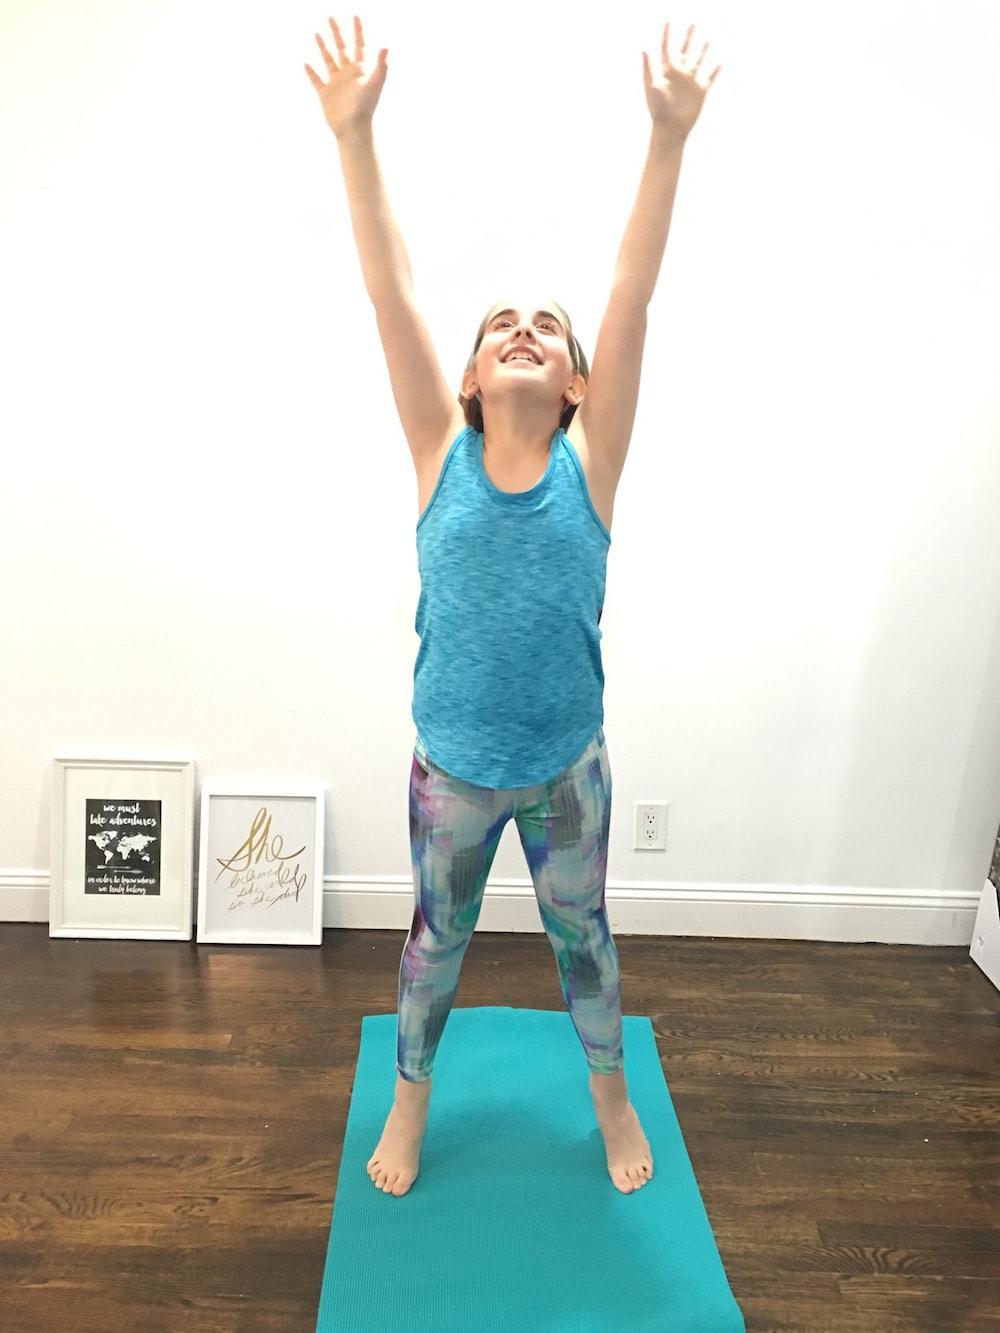 Jill Yoga: Fitness Gear For Active Girls @jillyoga_com